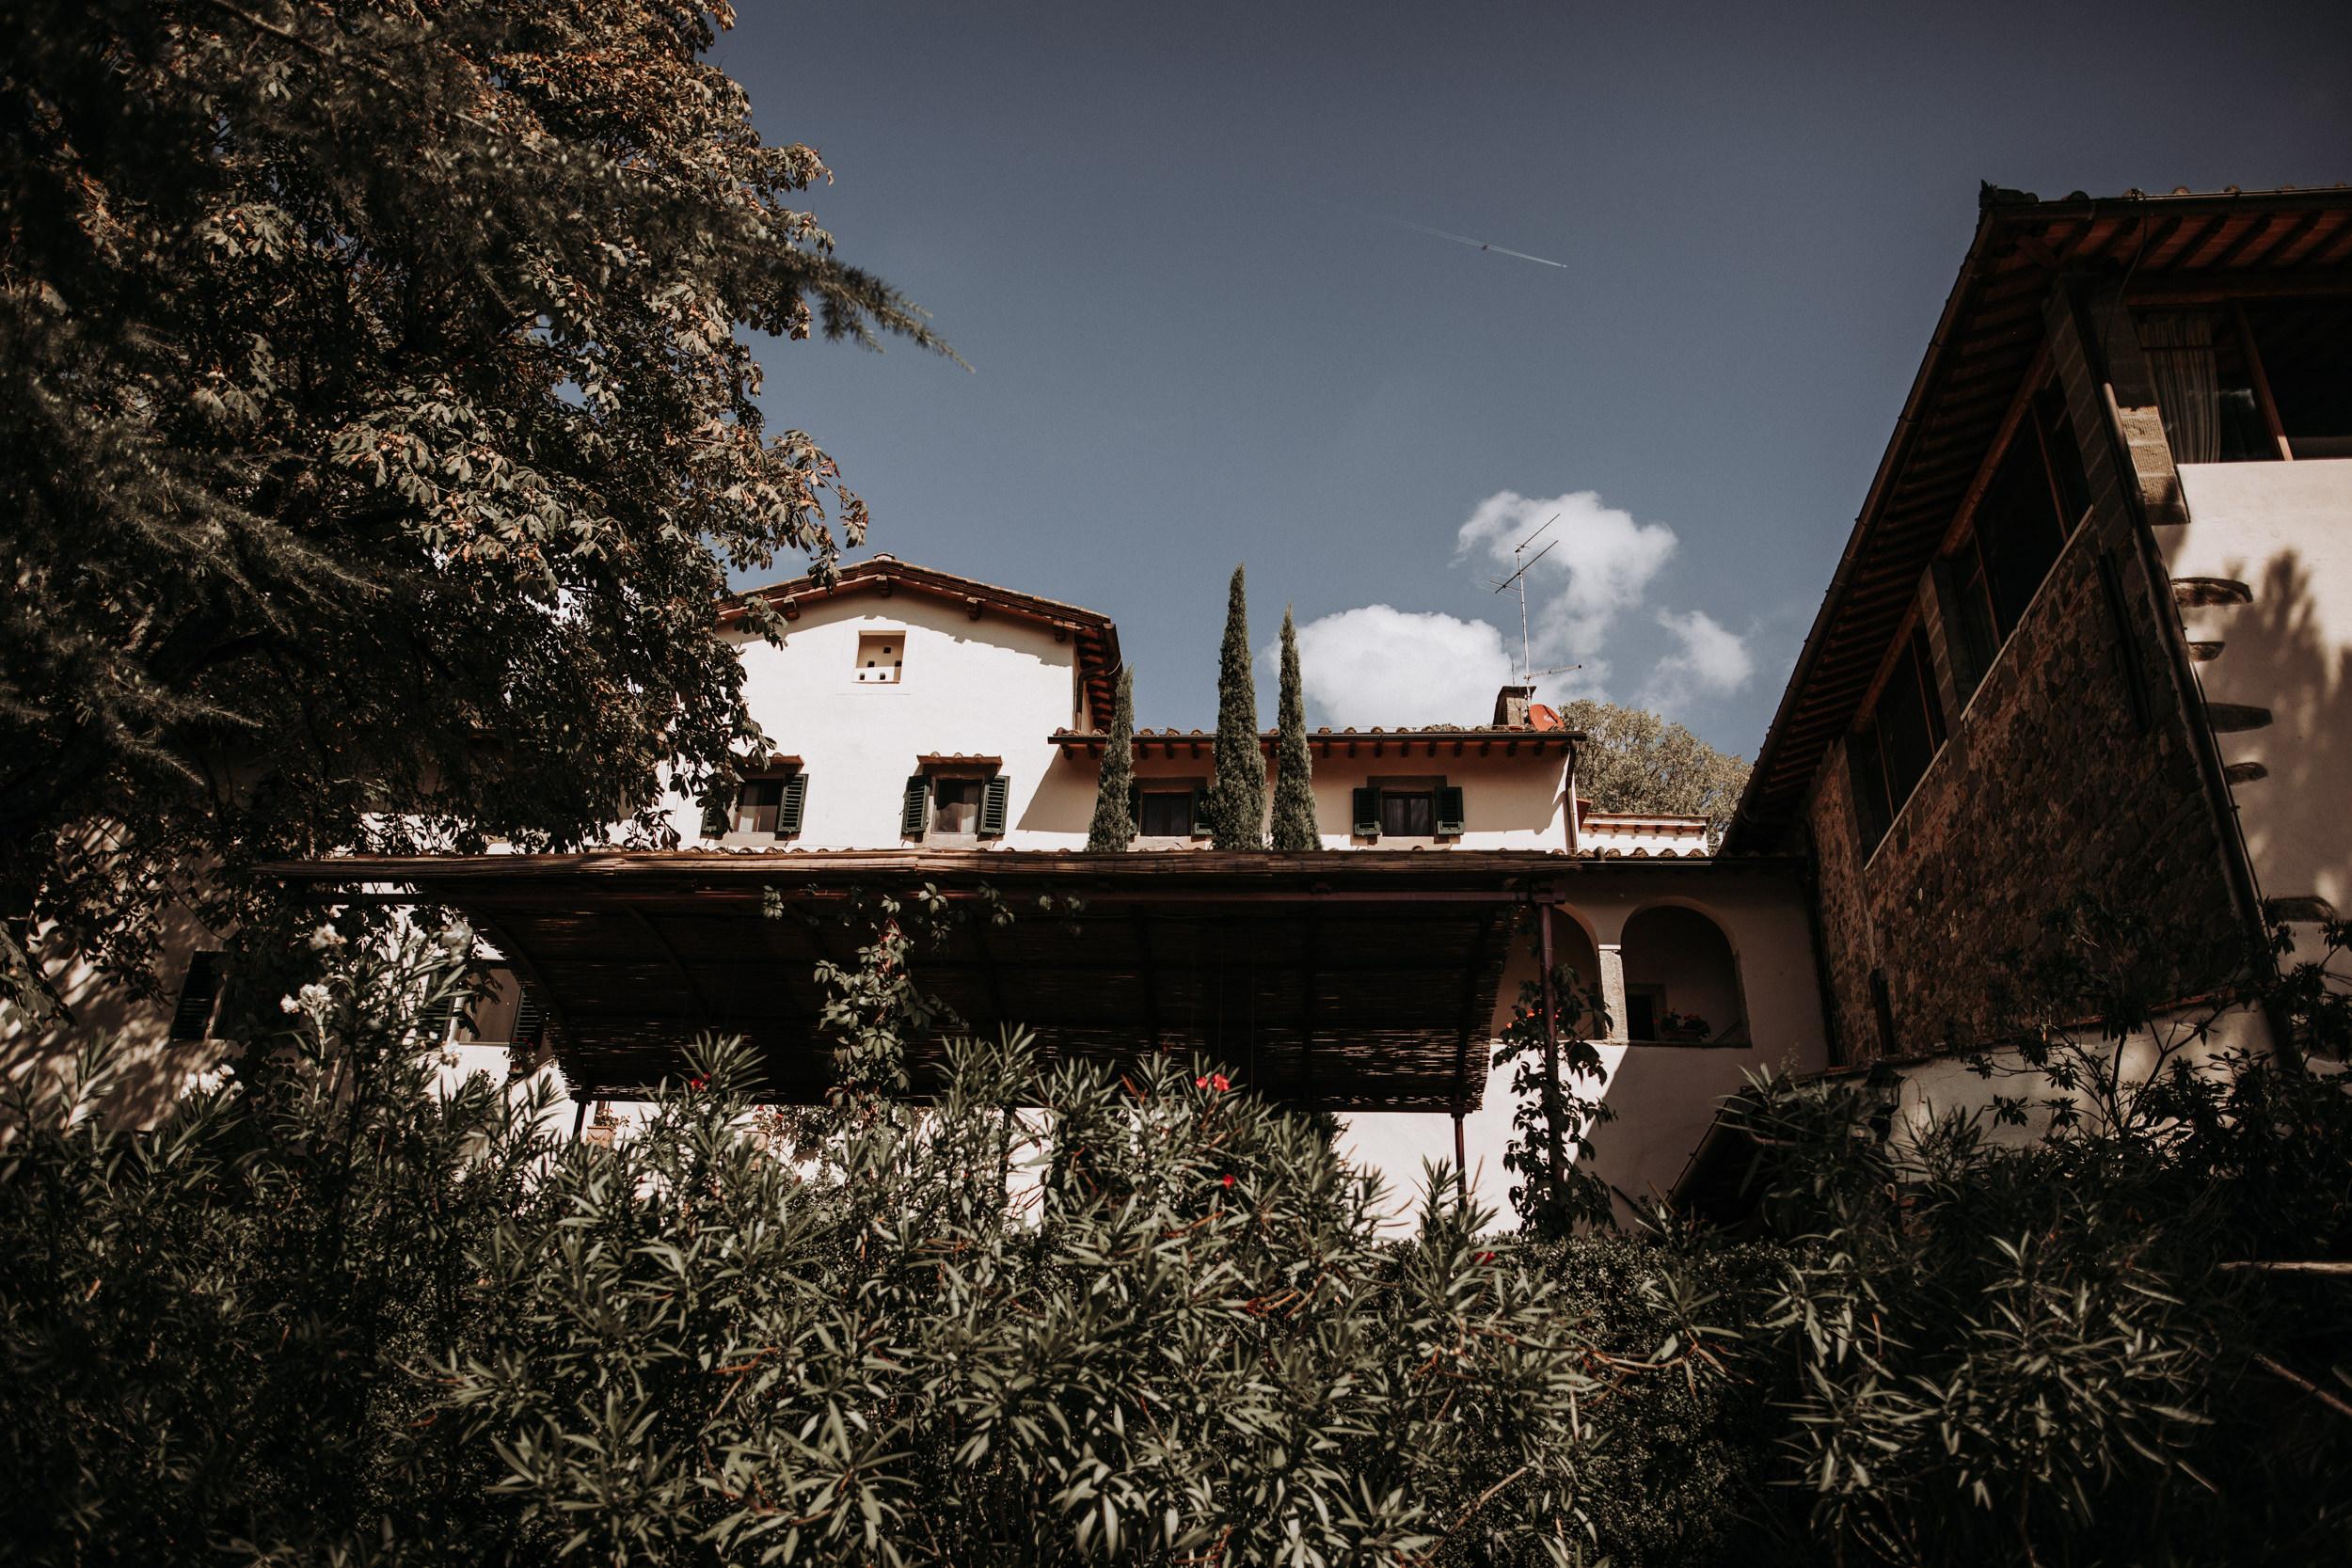 dm_photography_KW_Tuscanyweddingday_35